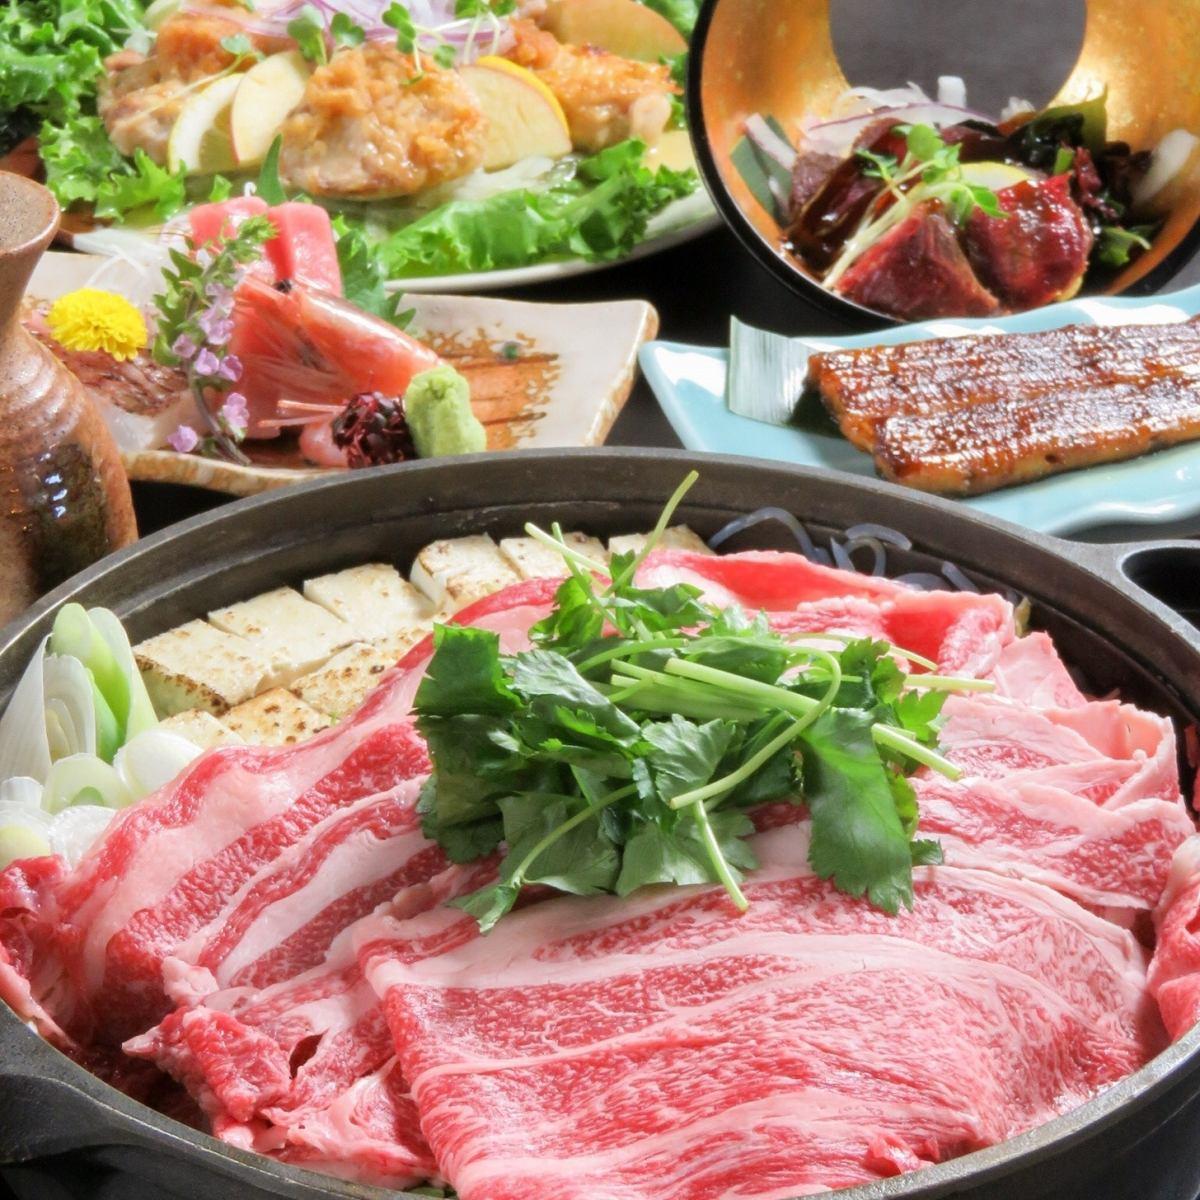 県産牛すき焼きコースは5000円~。純米酒も飲み放題のコースです